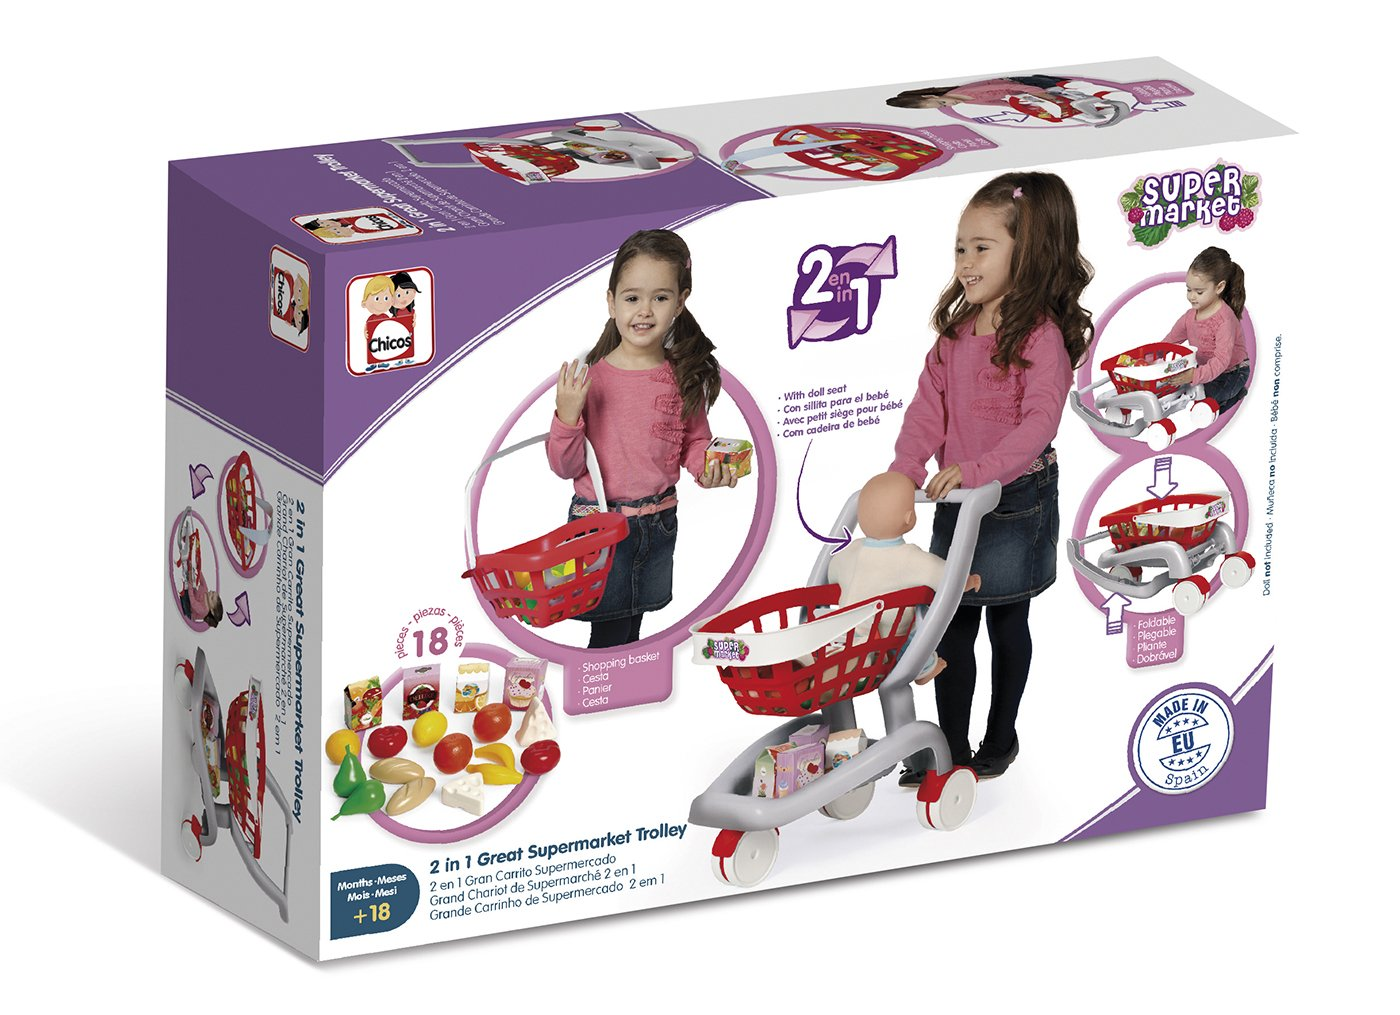 Chicos 2 en 1 Mi Primer Carrito de Supermercado, (84158): Amazon.es: Juguetes y juegos